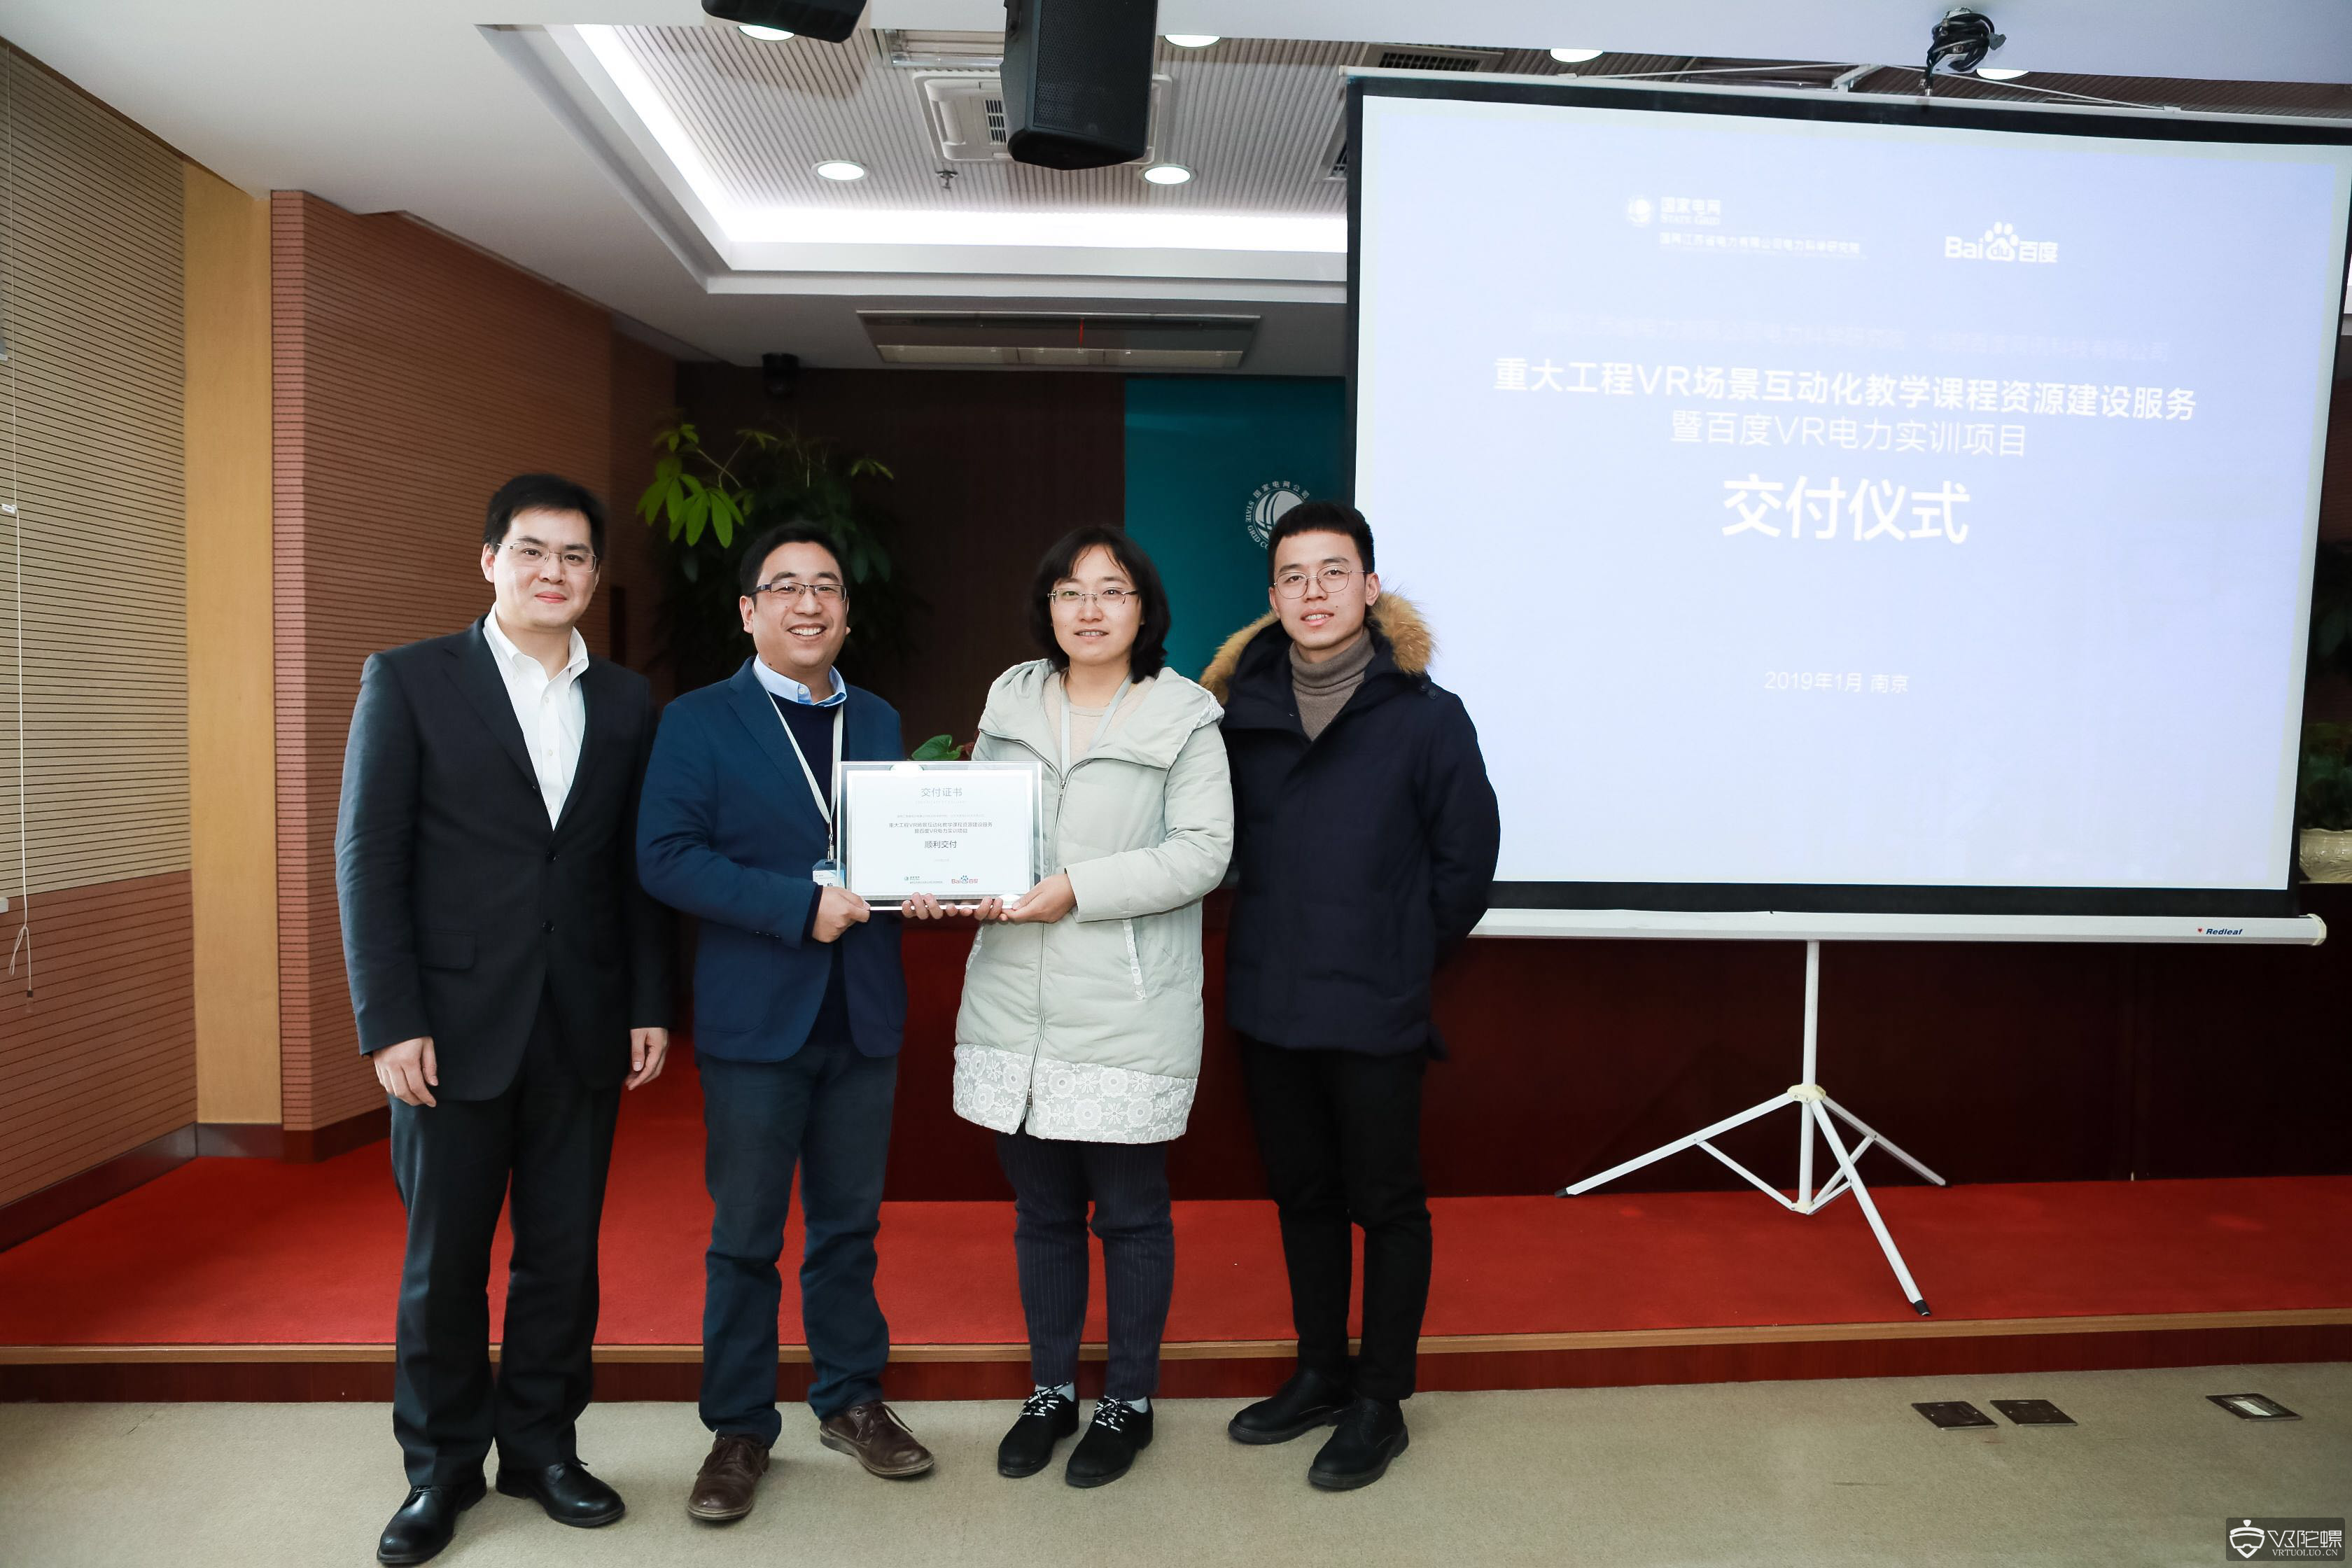 百度VR携手国网江苏电科院,首个电力实训成果落地